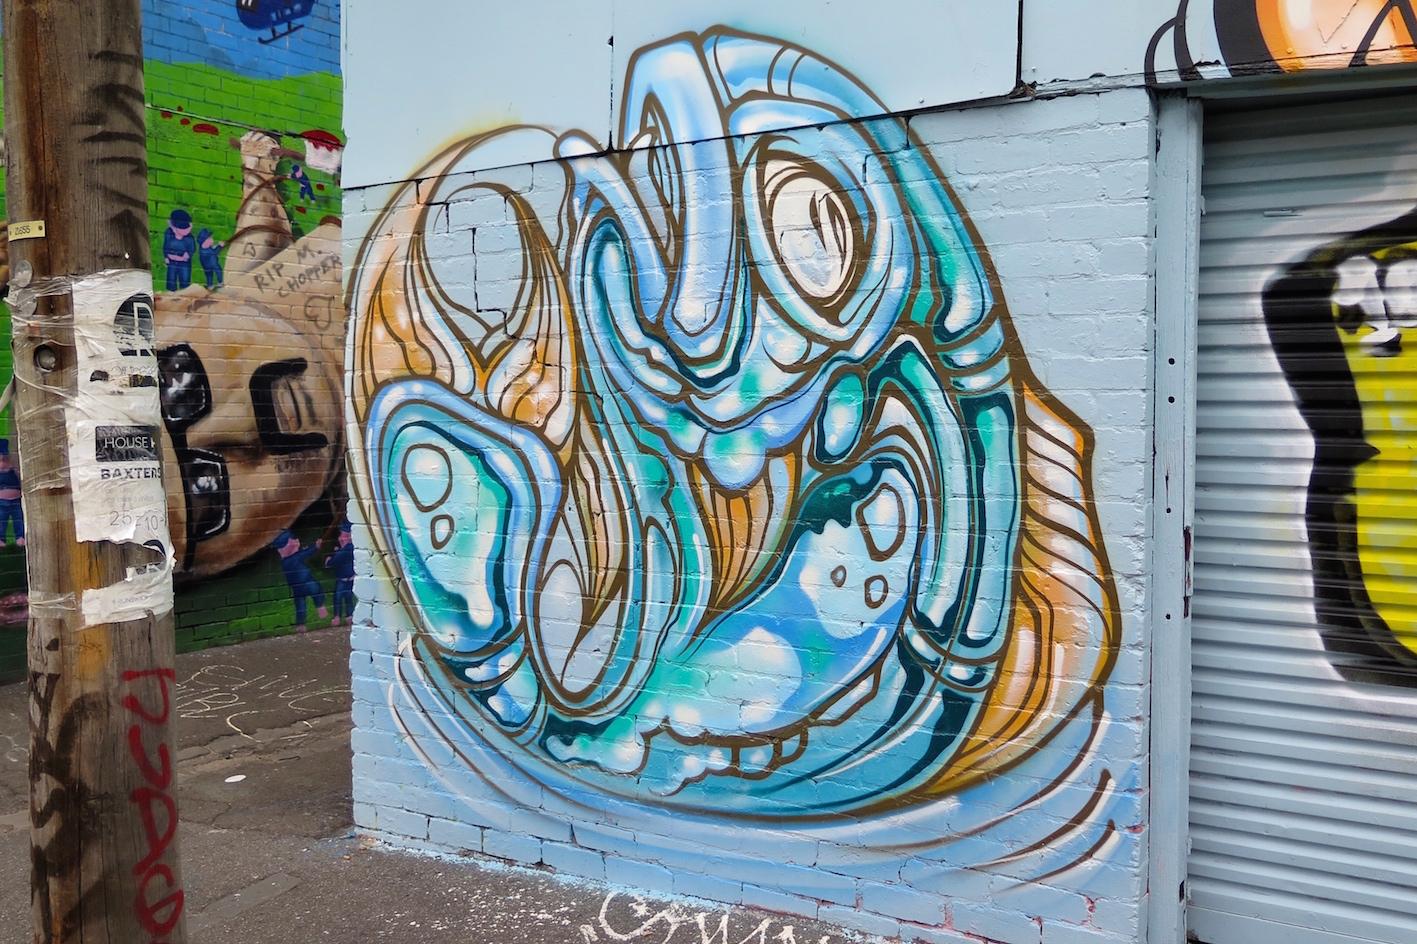 deansunshine_landofsunshine_melbourne_streetart_graffiti_phibs back in Melb 2